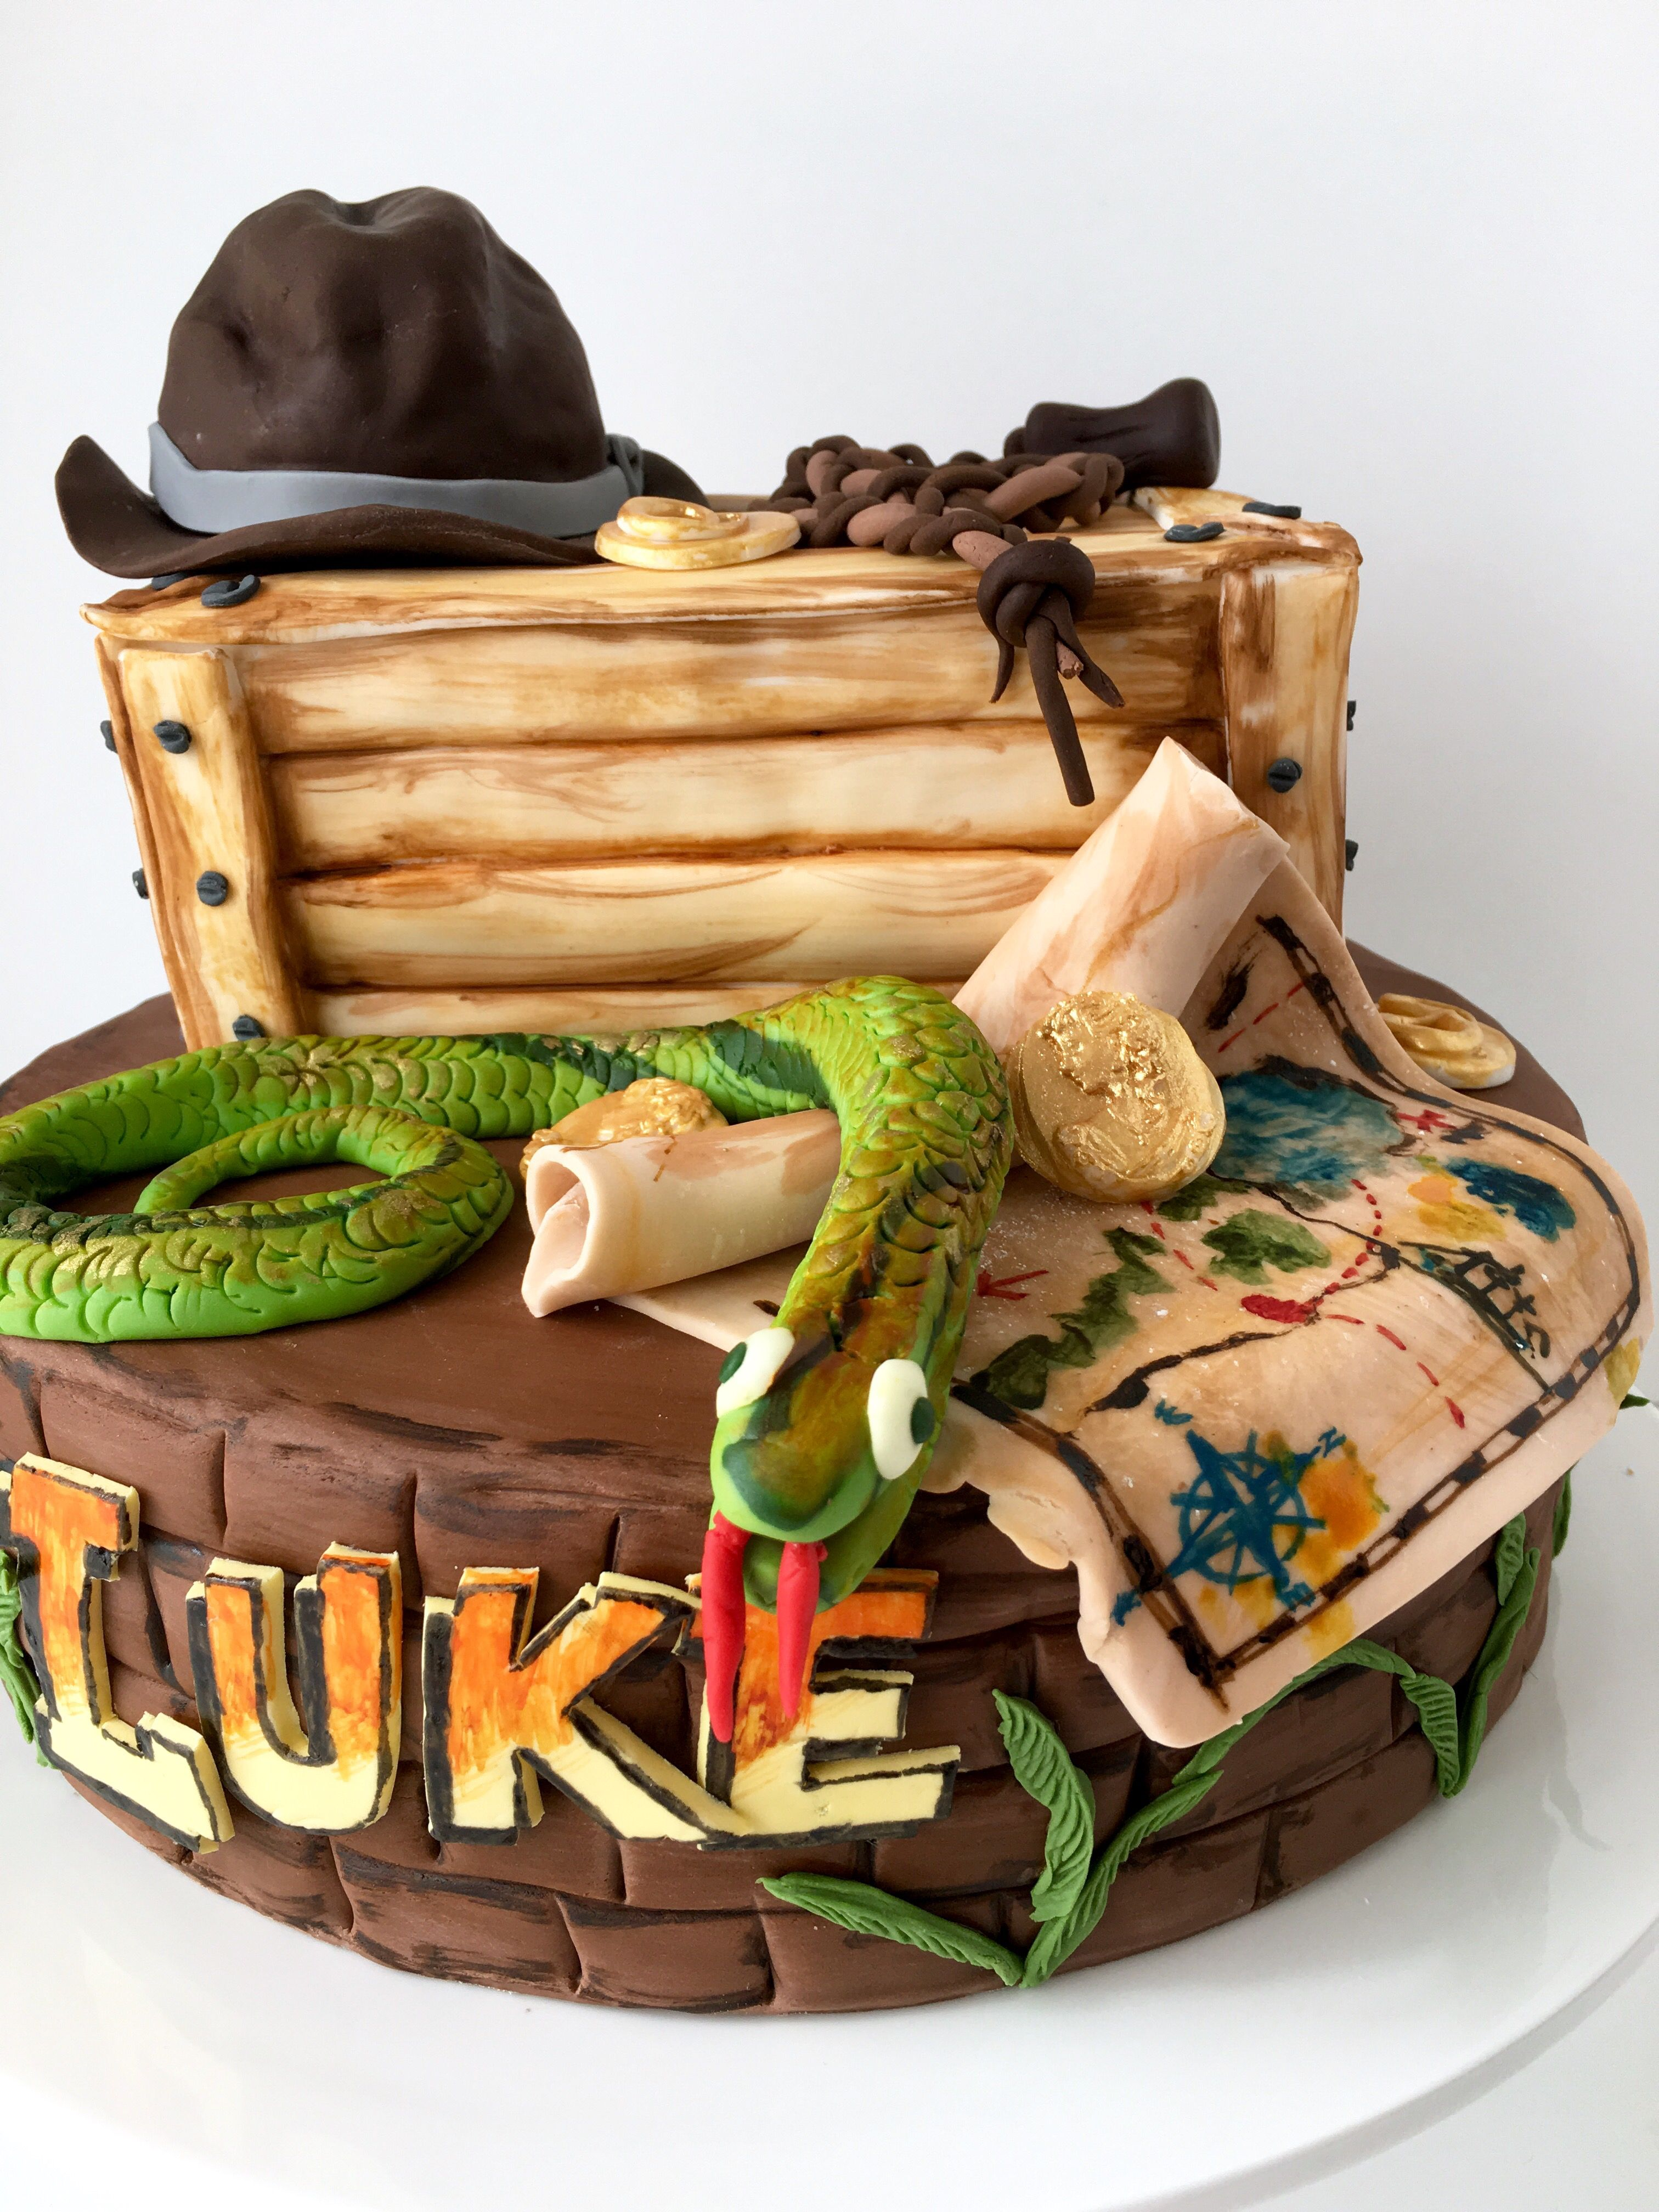 80u0027s 1981 Indiana Jones Cake 80u0027s 1981